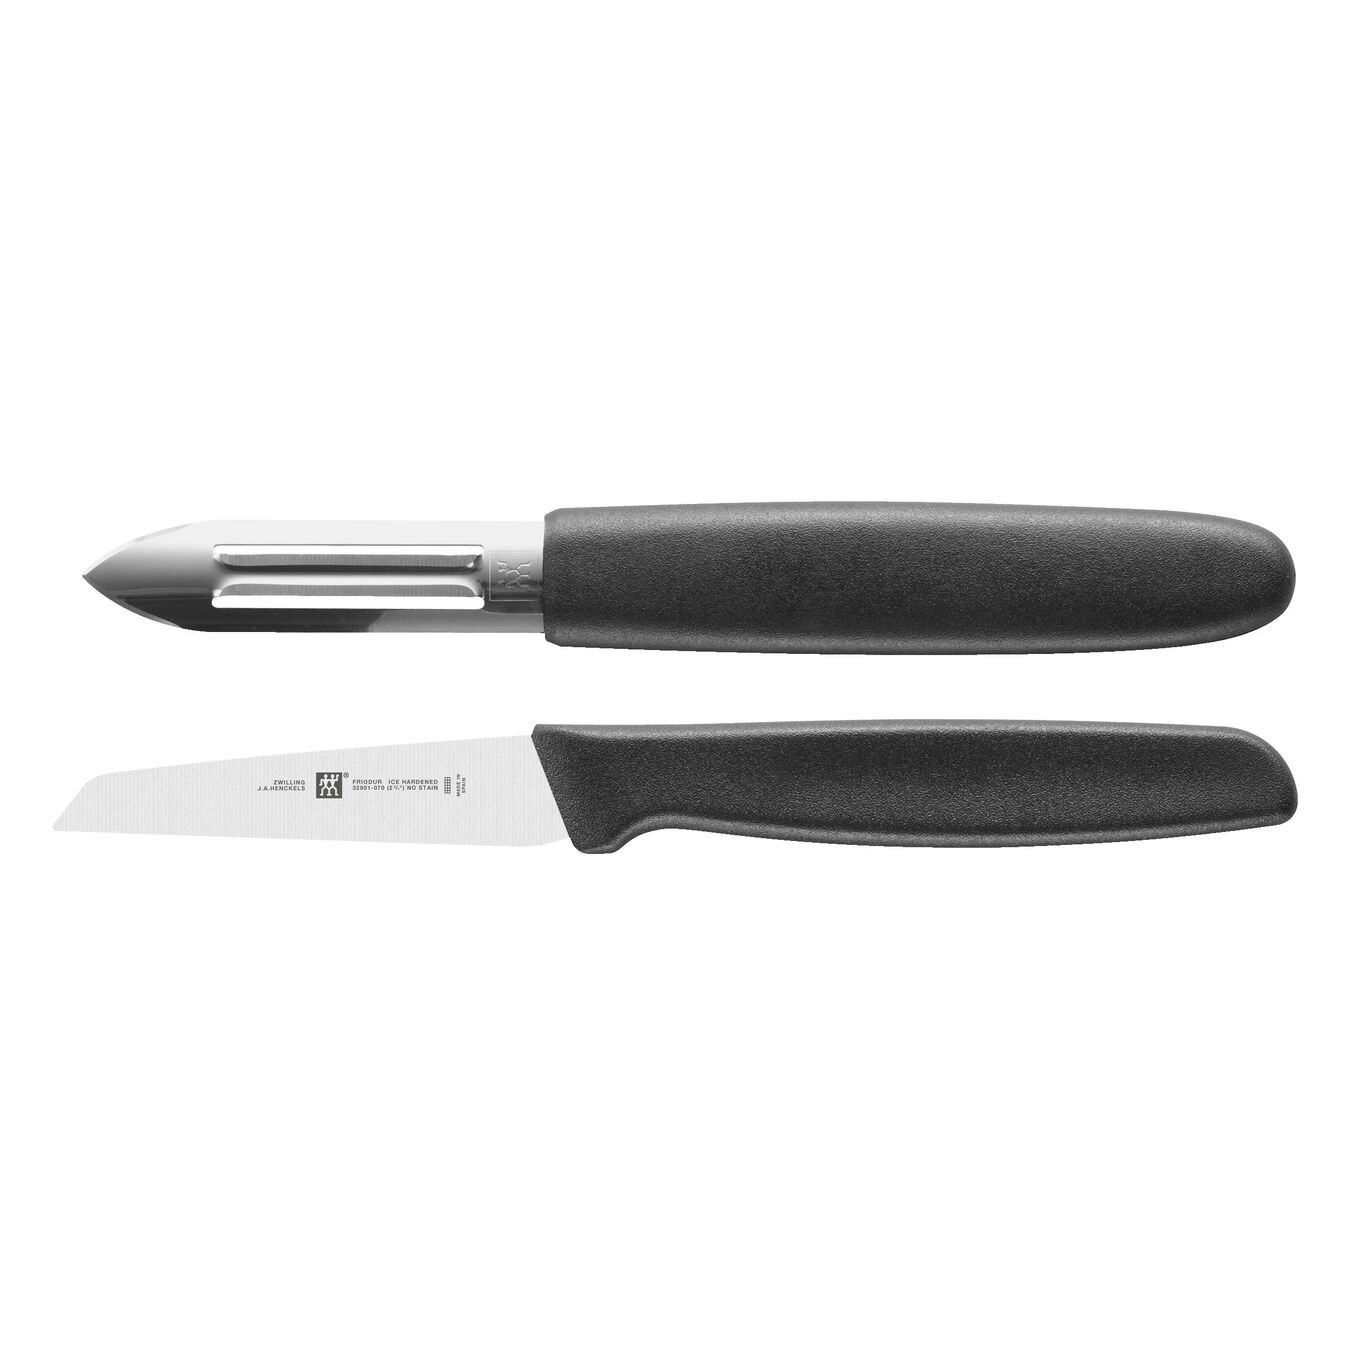 Set de couteaux 2-pcs,,large 1